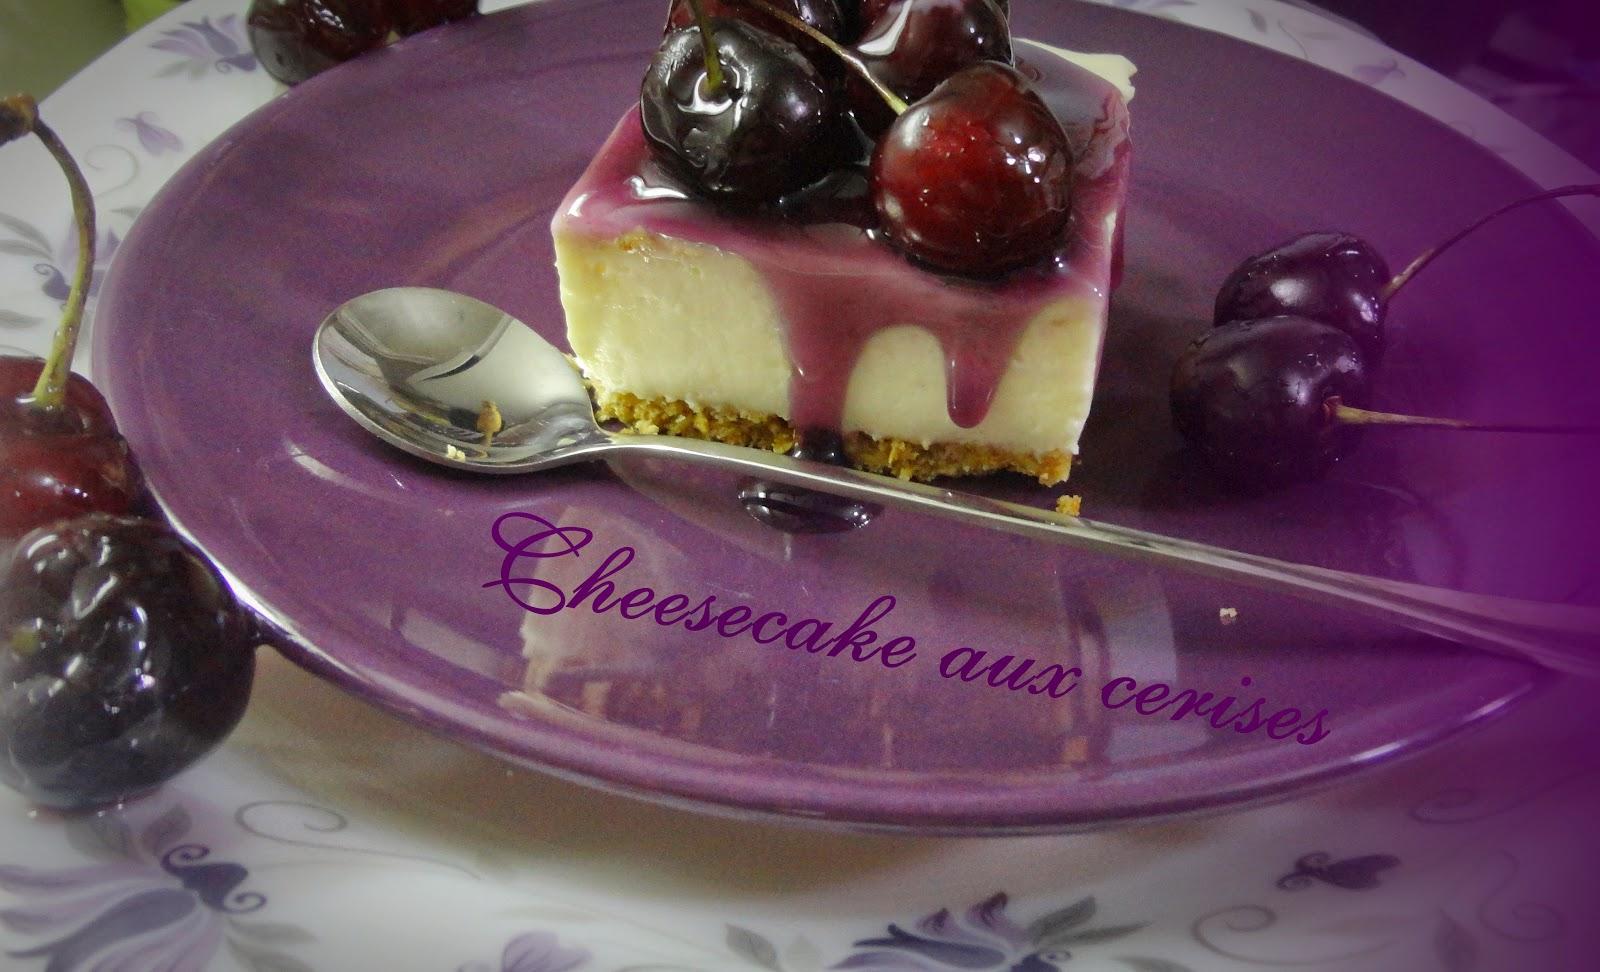 les recettes de cheesecake aux cerises